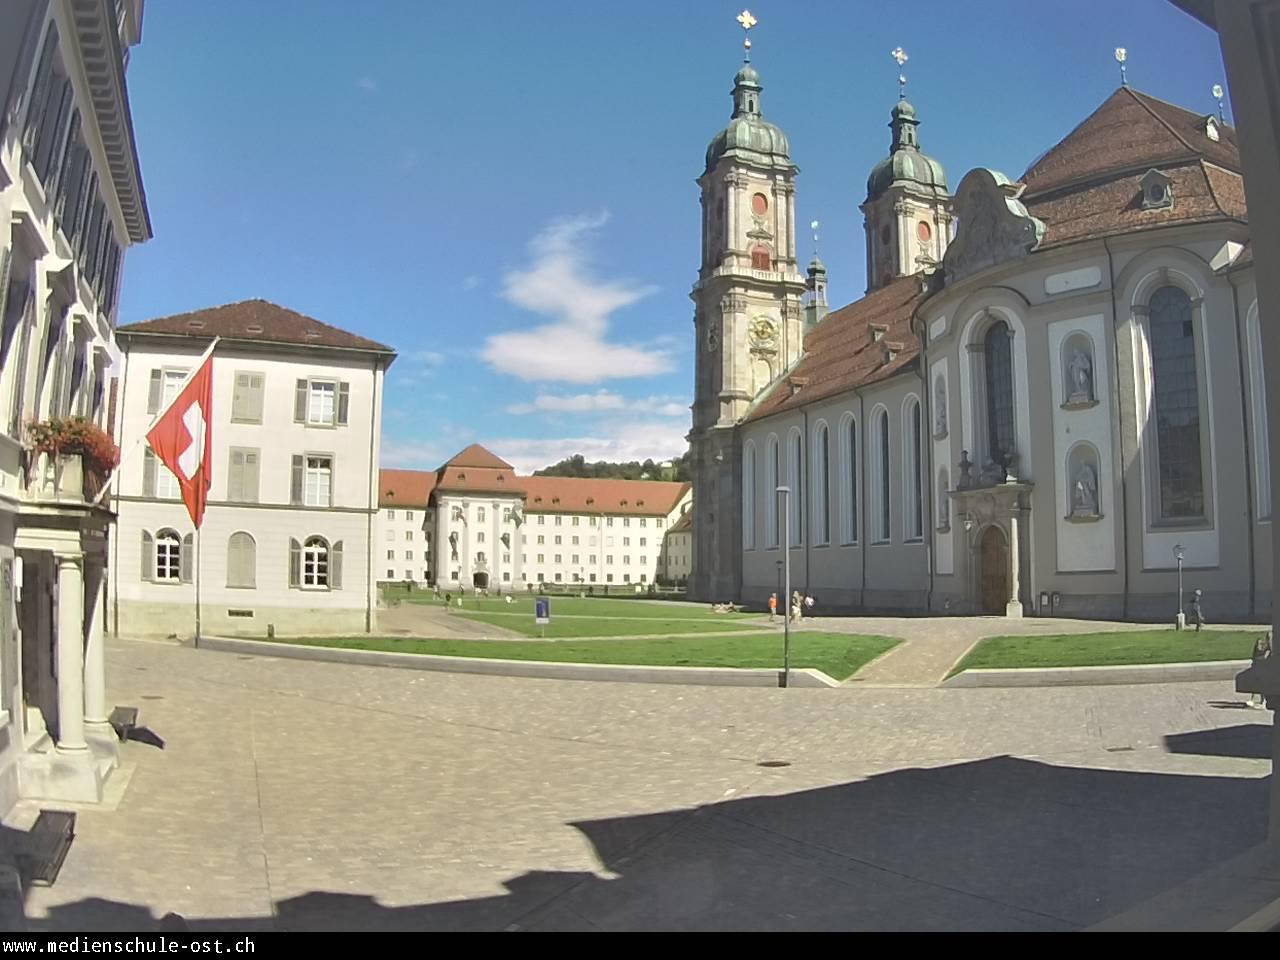 St. Gallen Mi. 15:46